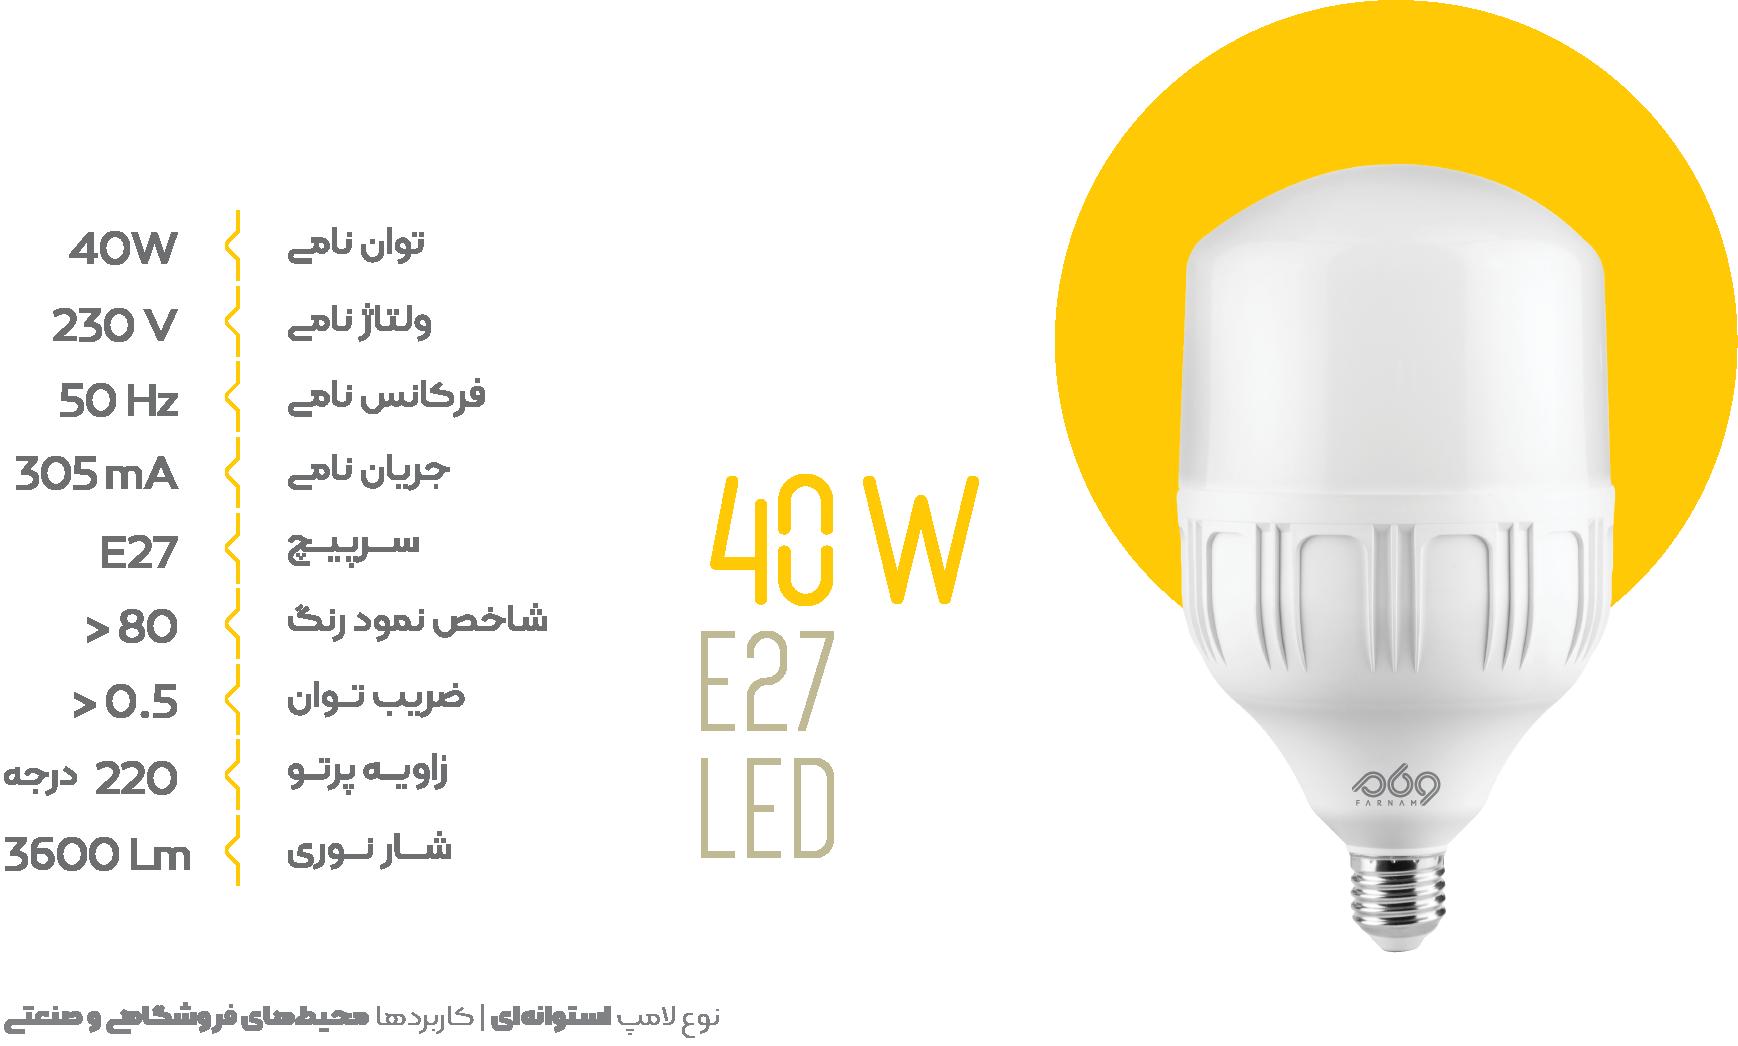 لامپ 40 وات استوانه ای فرنام